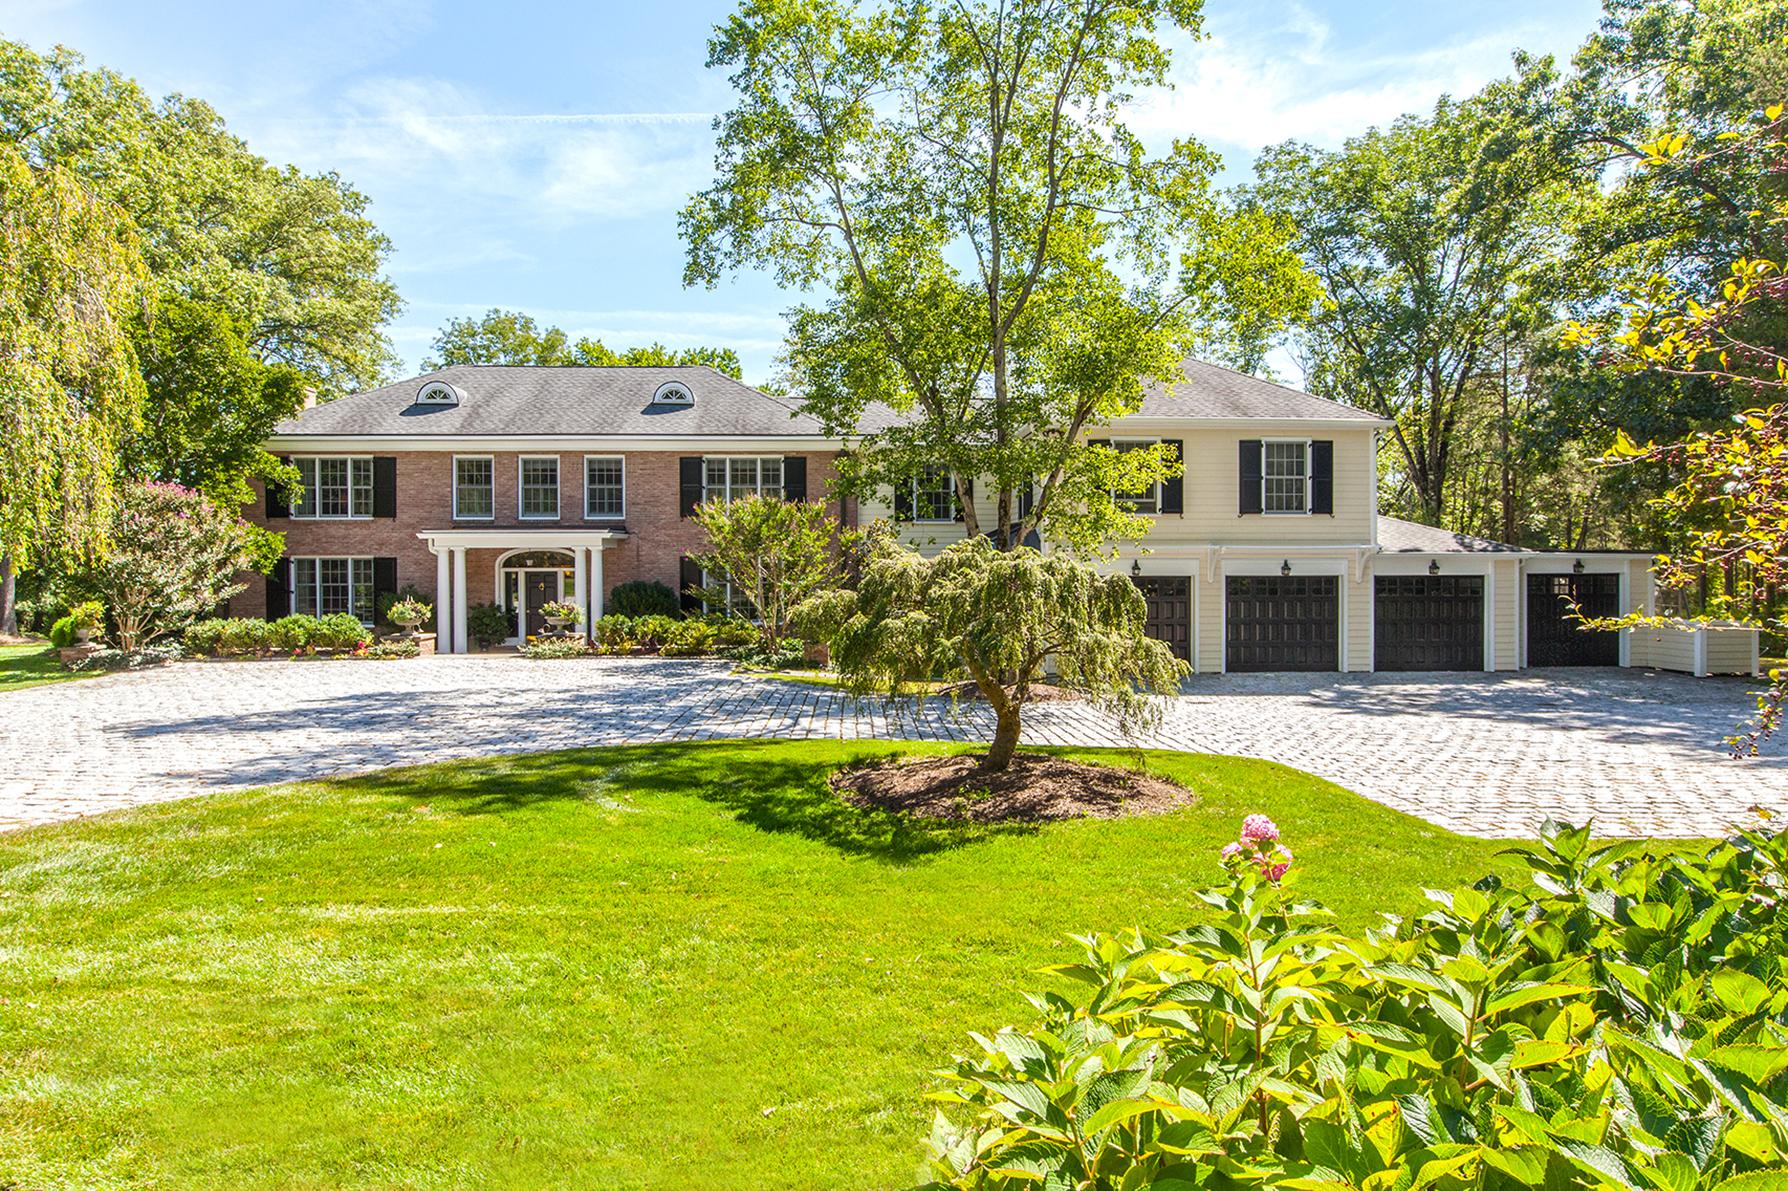 Maison unifamiliale pour l Vente à A Stunning Estate Moments from Downtown Princeton 2 Pheasant Hill Road Princeton, New Jersey, 08540 États-Unis